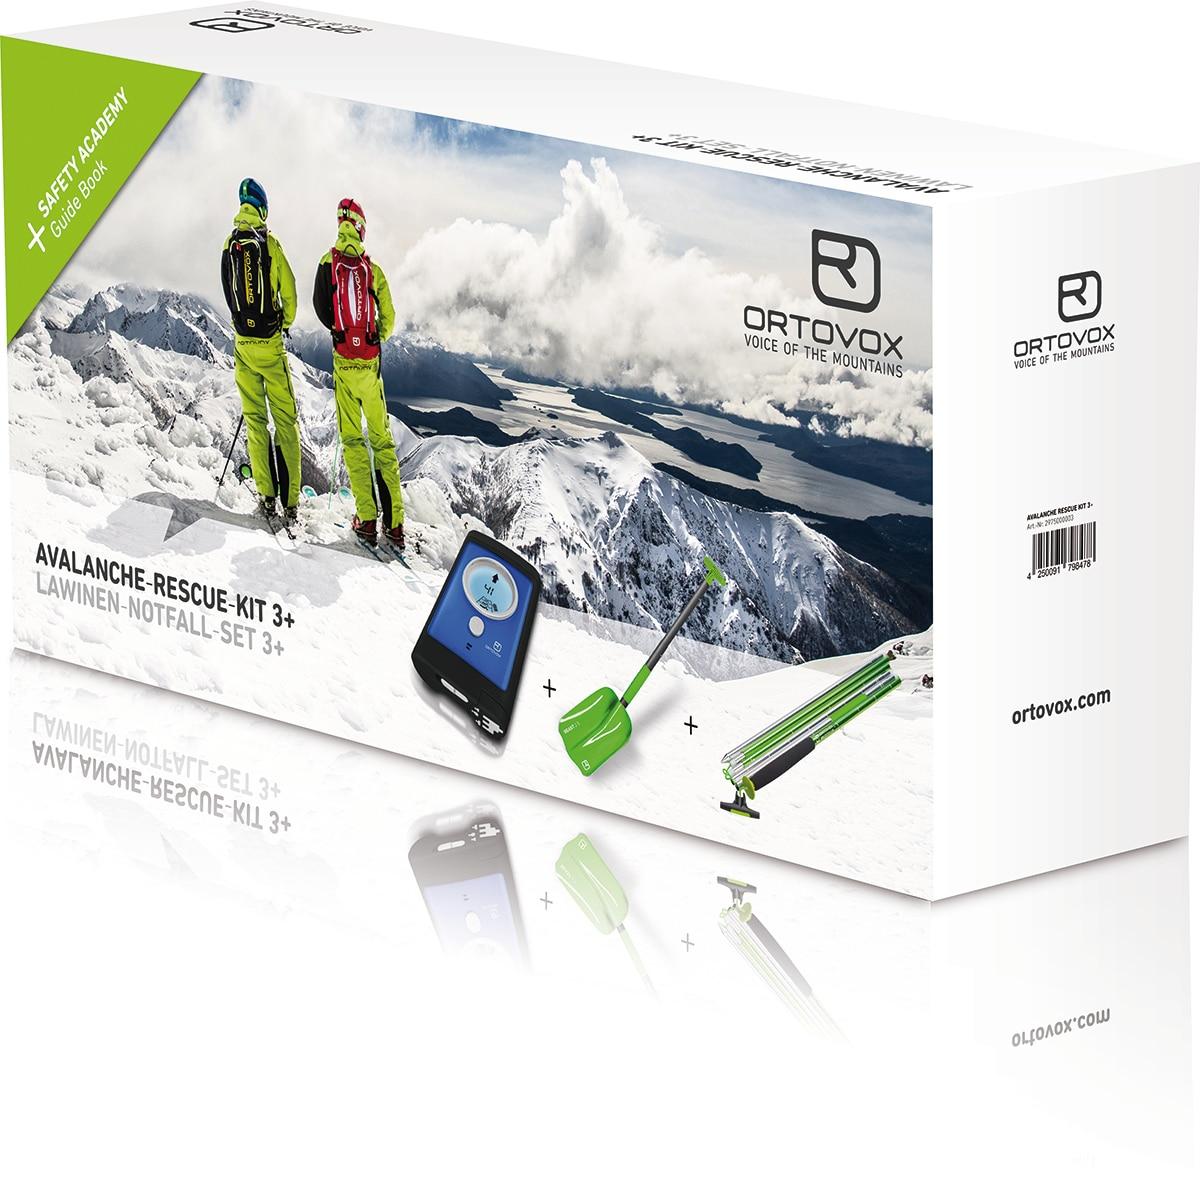 Photo of ORTOVOX AVALANCHE RESCUE SET 3+, il kit per tutti gli scialpinisti